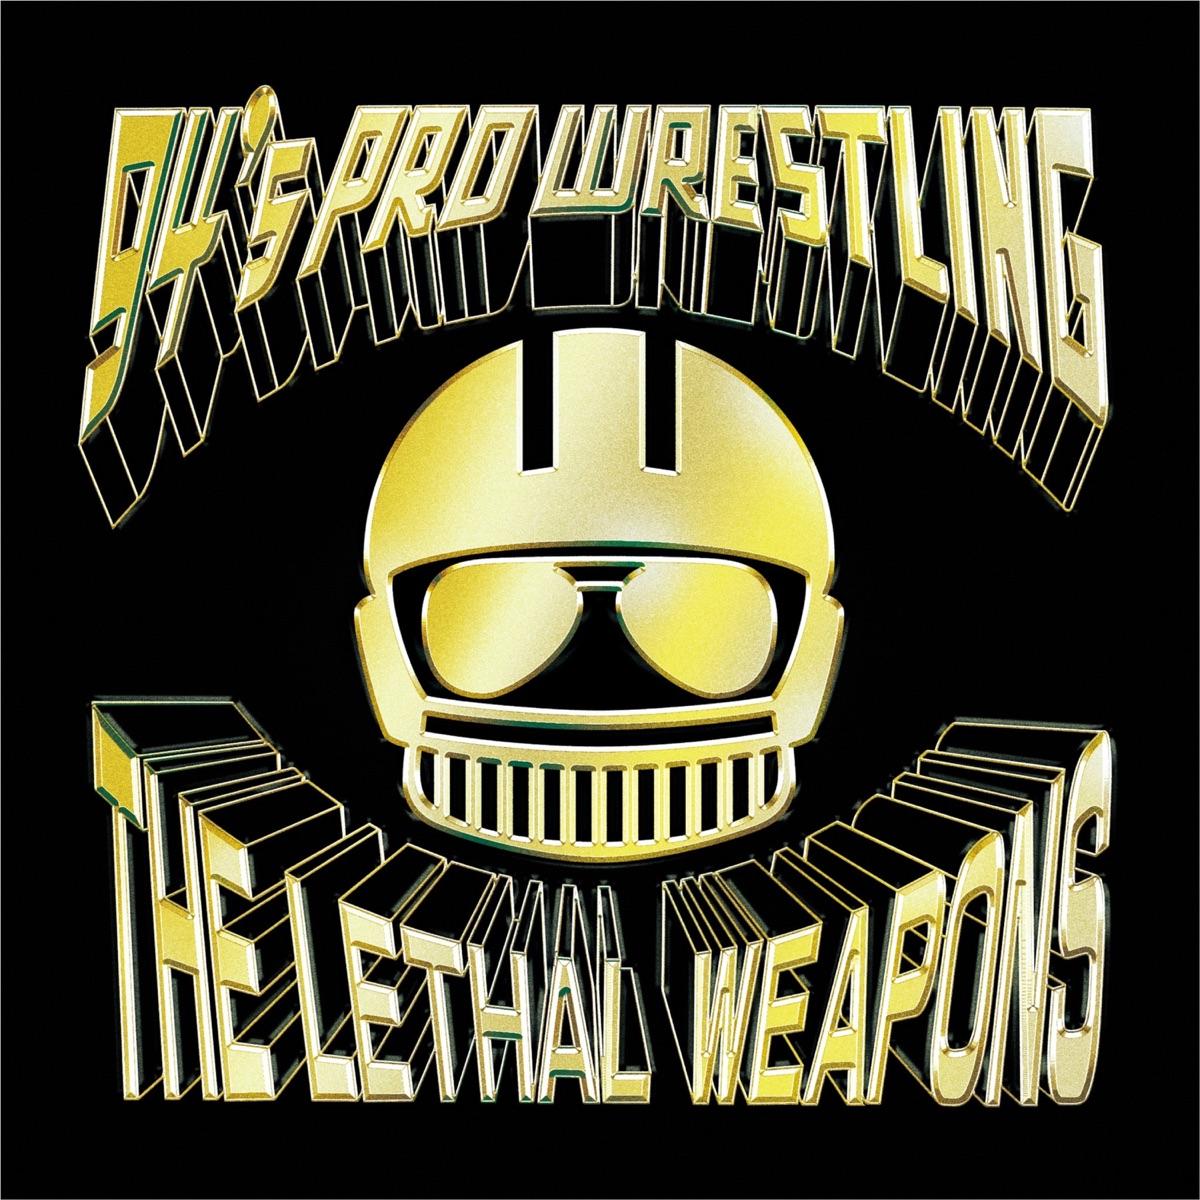 『ザ・リーサルウェポンズ - 94年のジュニアヘビー ~ザ・スコア~』収録の『94's Pro Wrestling』ジャケット